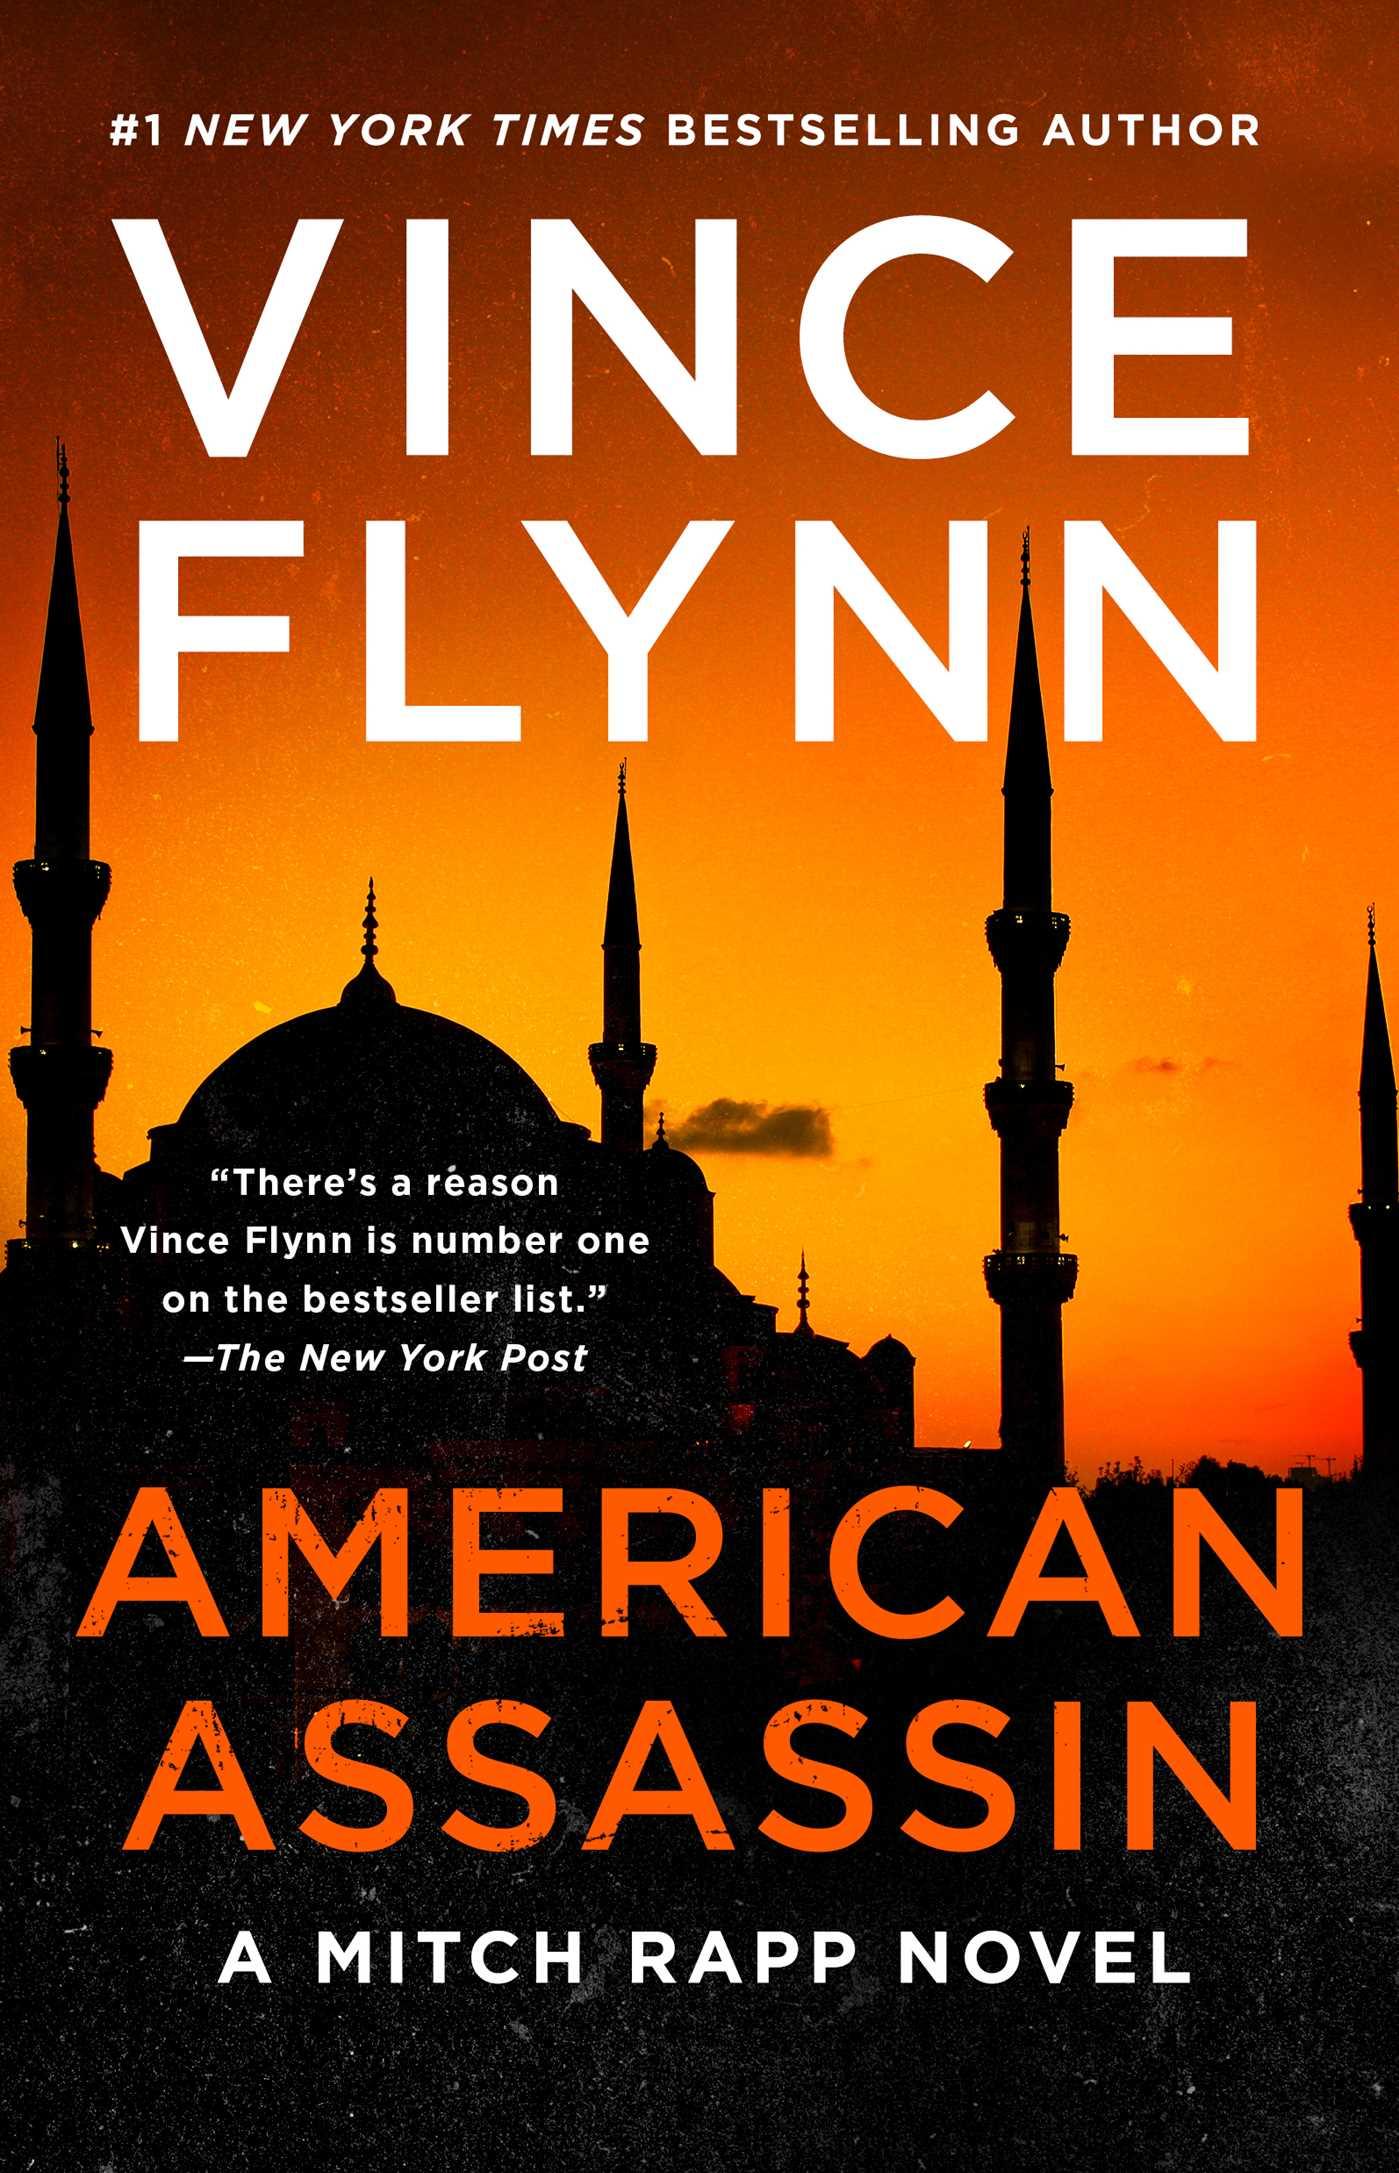 American assassin 9781439100516 hr